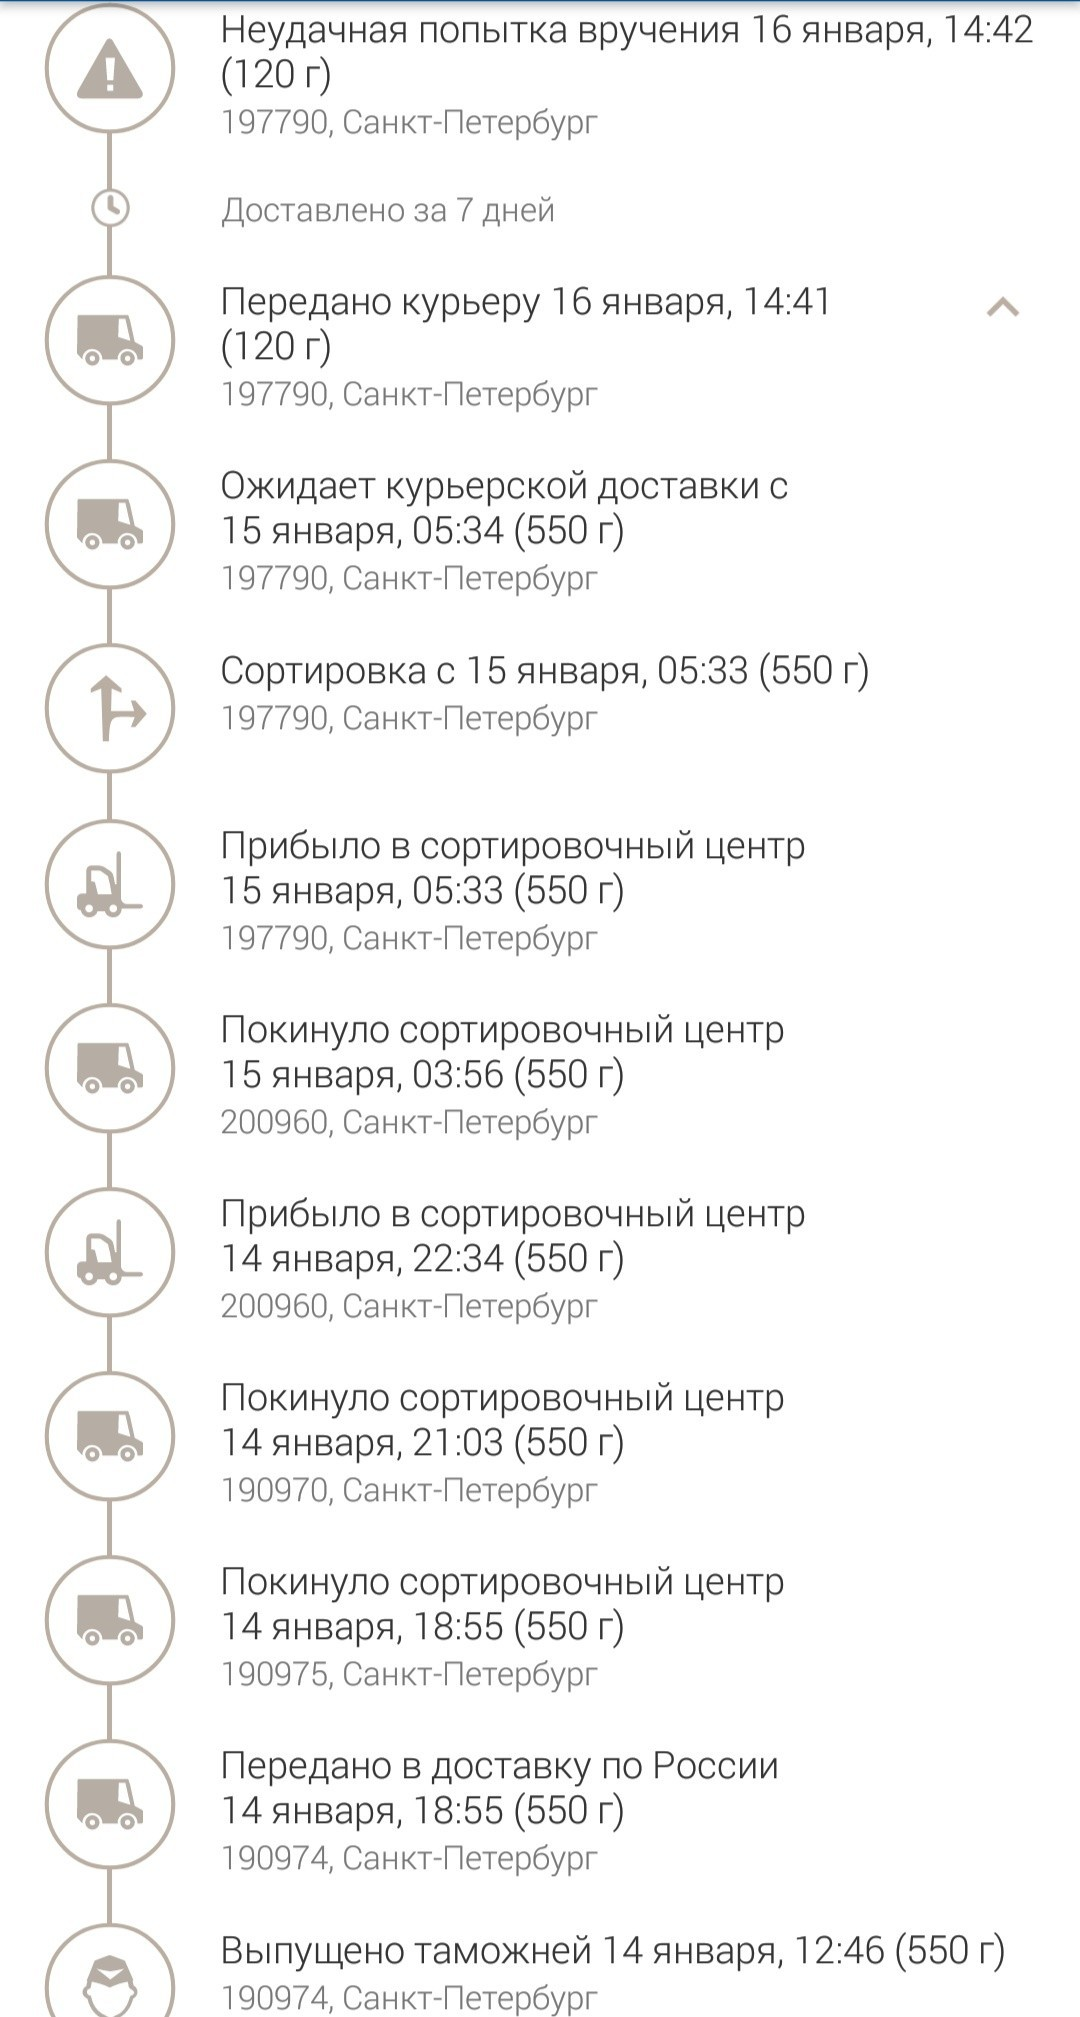 Проверка отправления почты россии по номеру